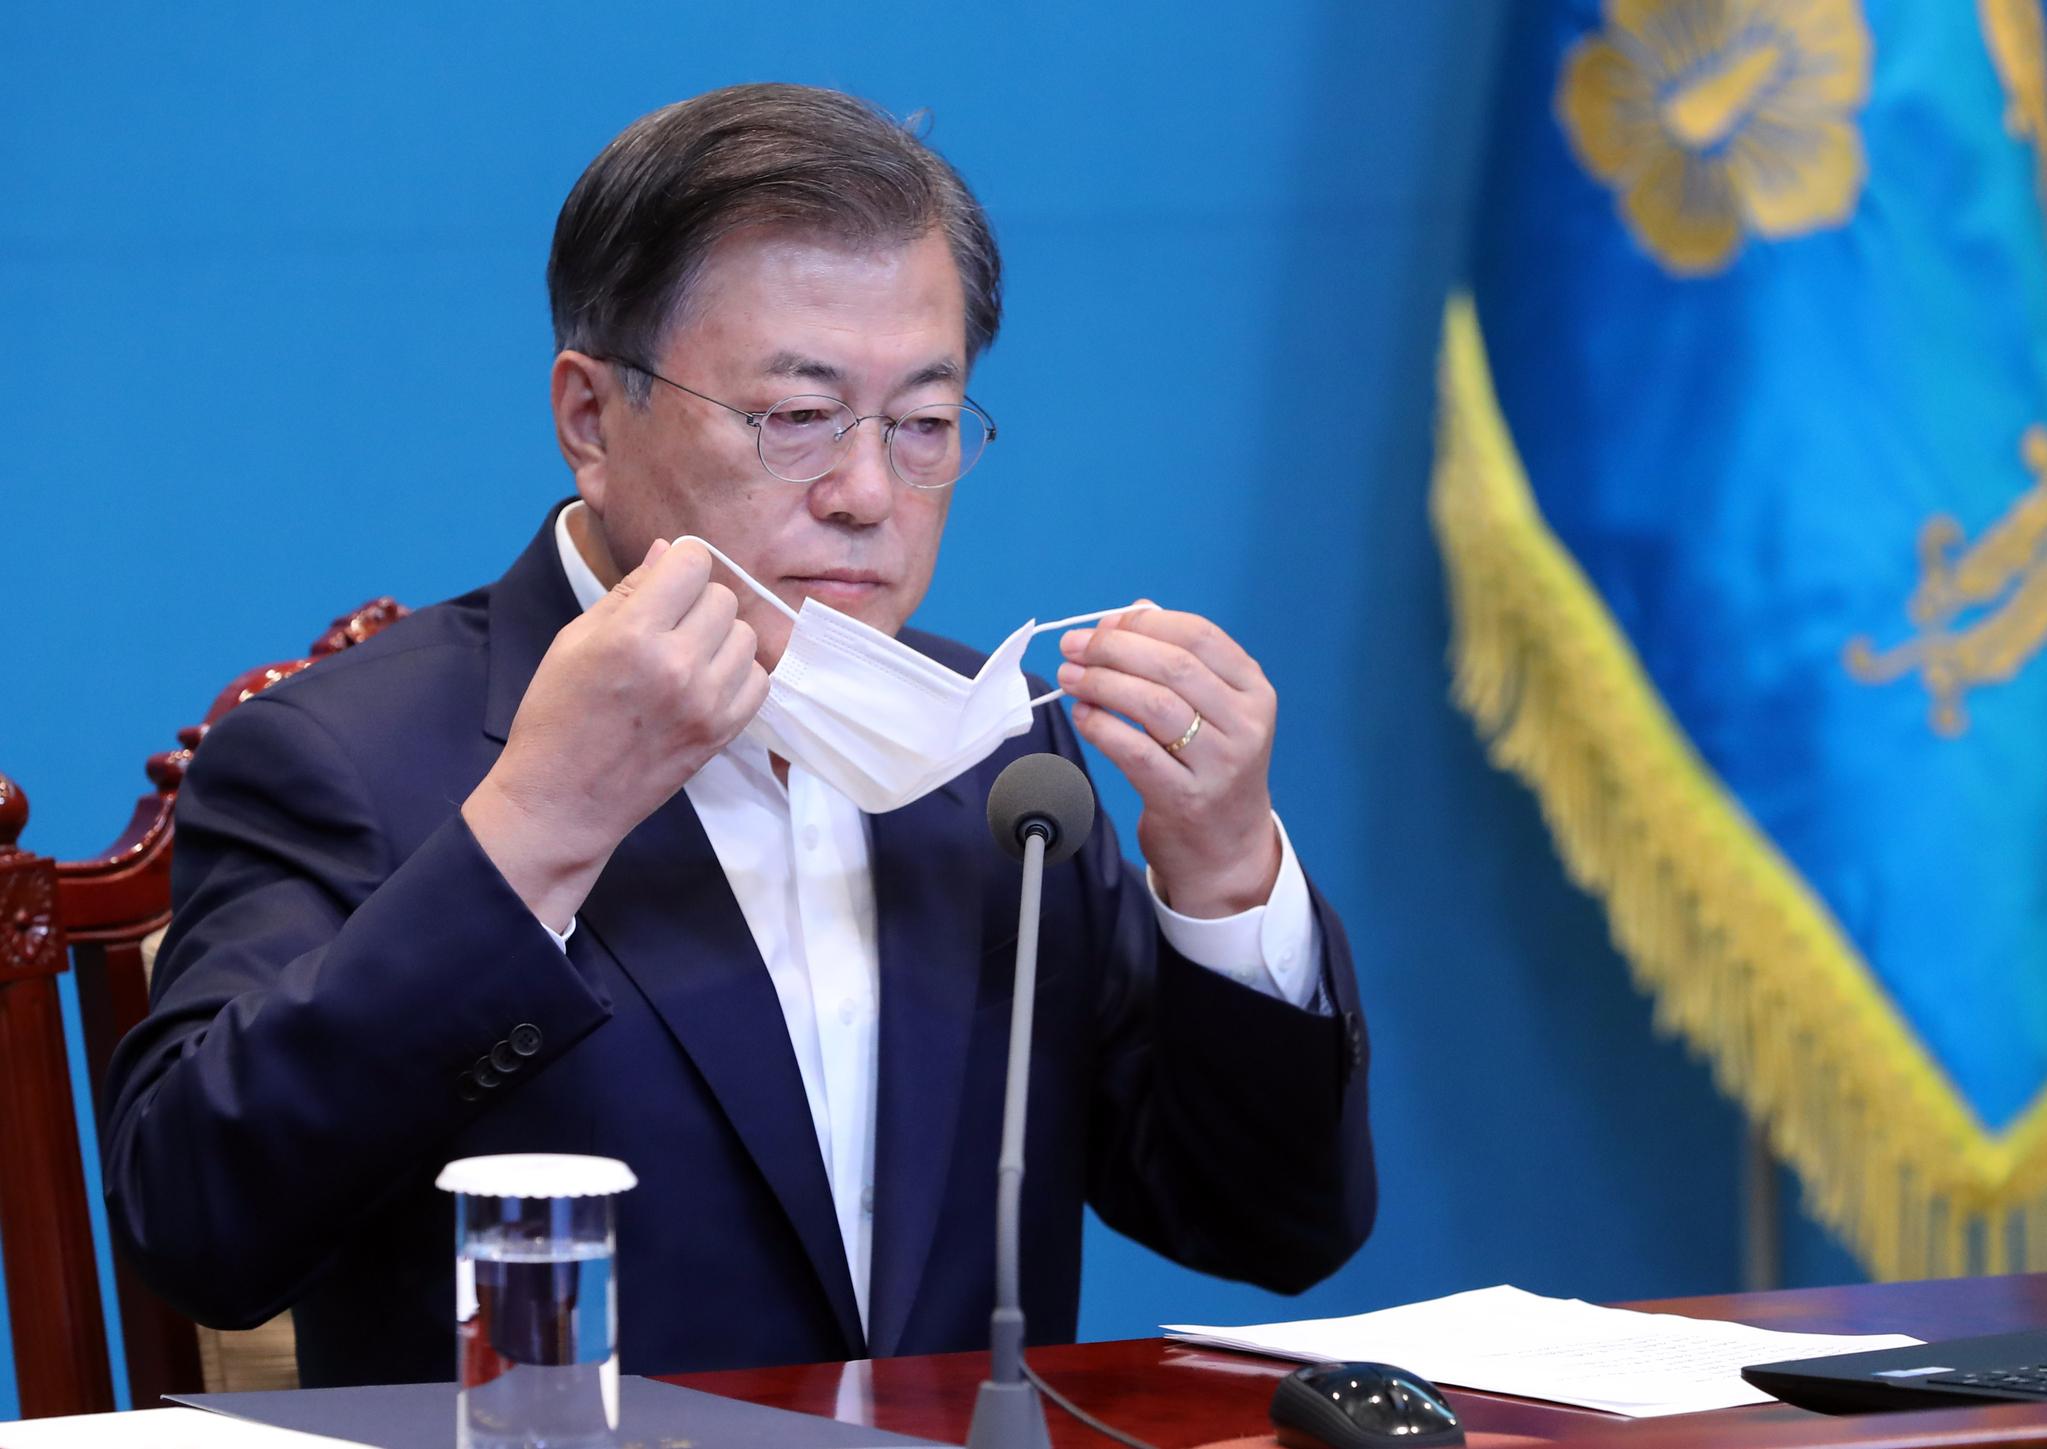 문재인 대통령이 5일 청와대에서 열린 수석·보좌관 회의에서 발언을 마친 뒤 마스크를 쓰고 있다. 연합뉴스